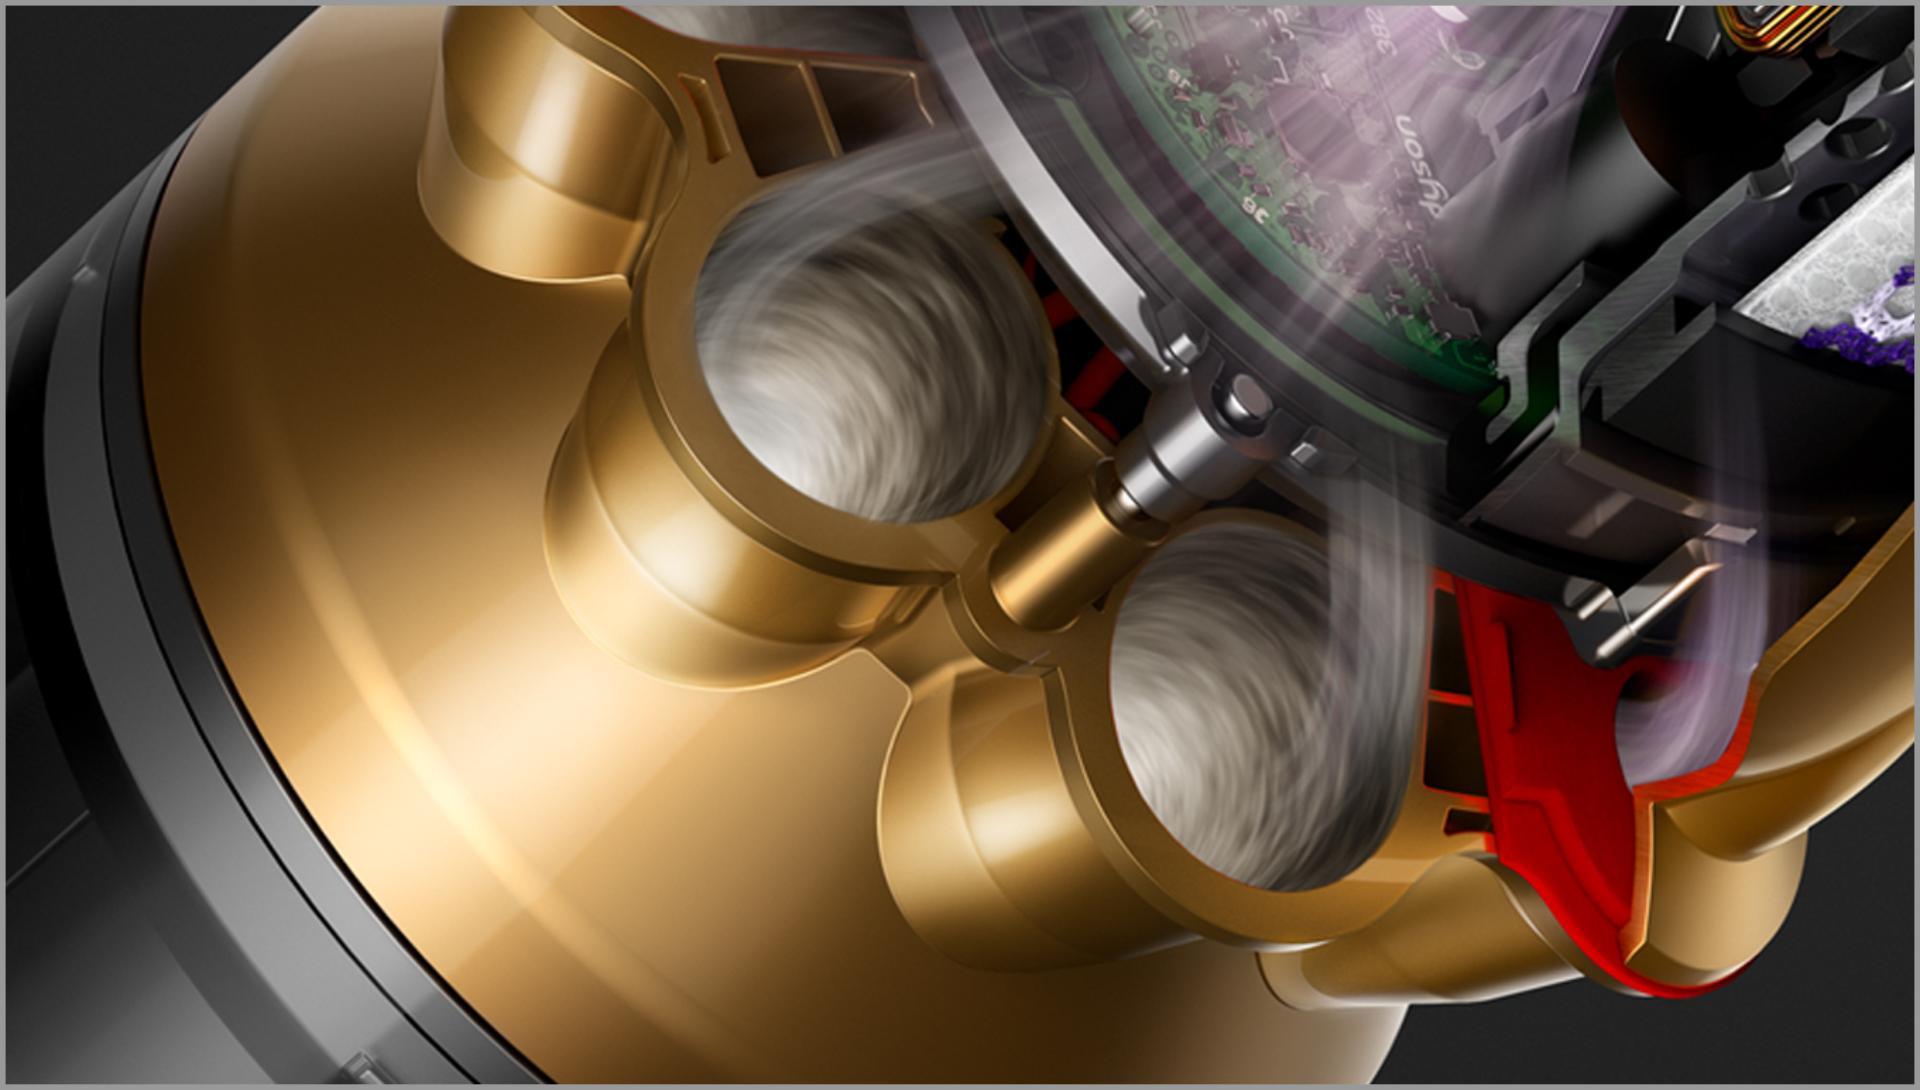 תמונת חתך של ציקלונים רדיאליים